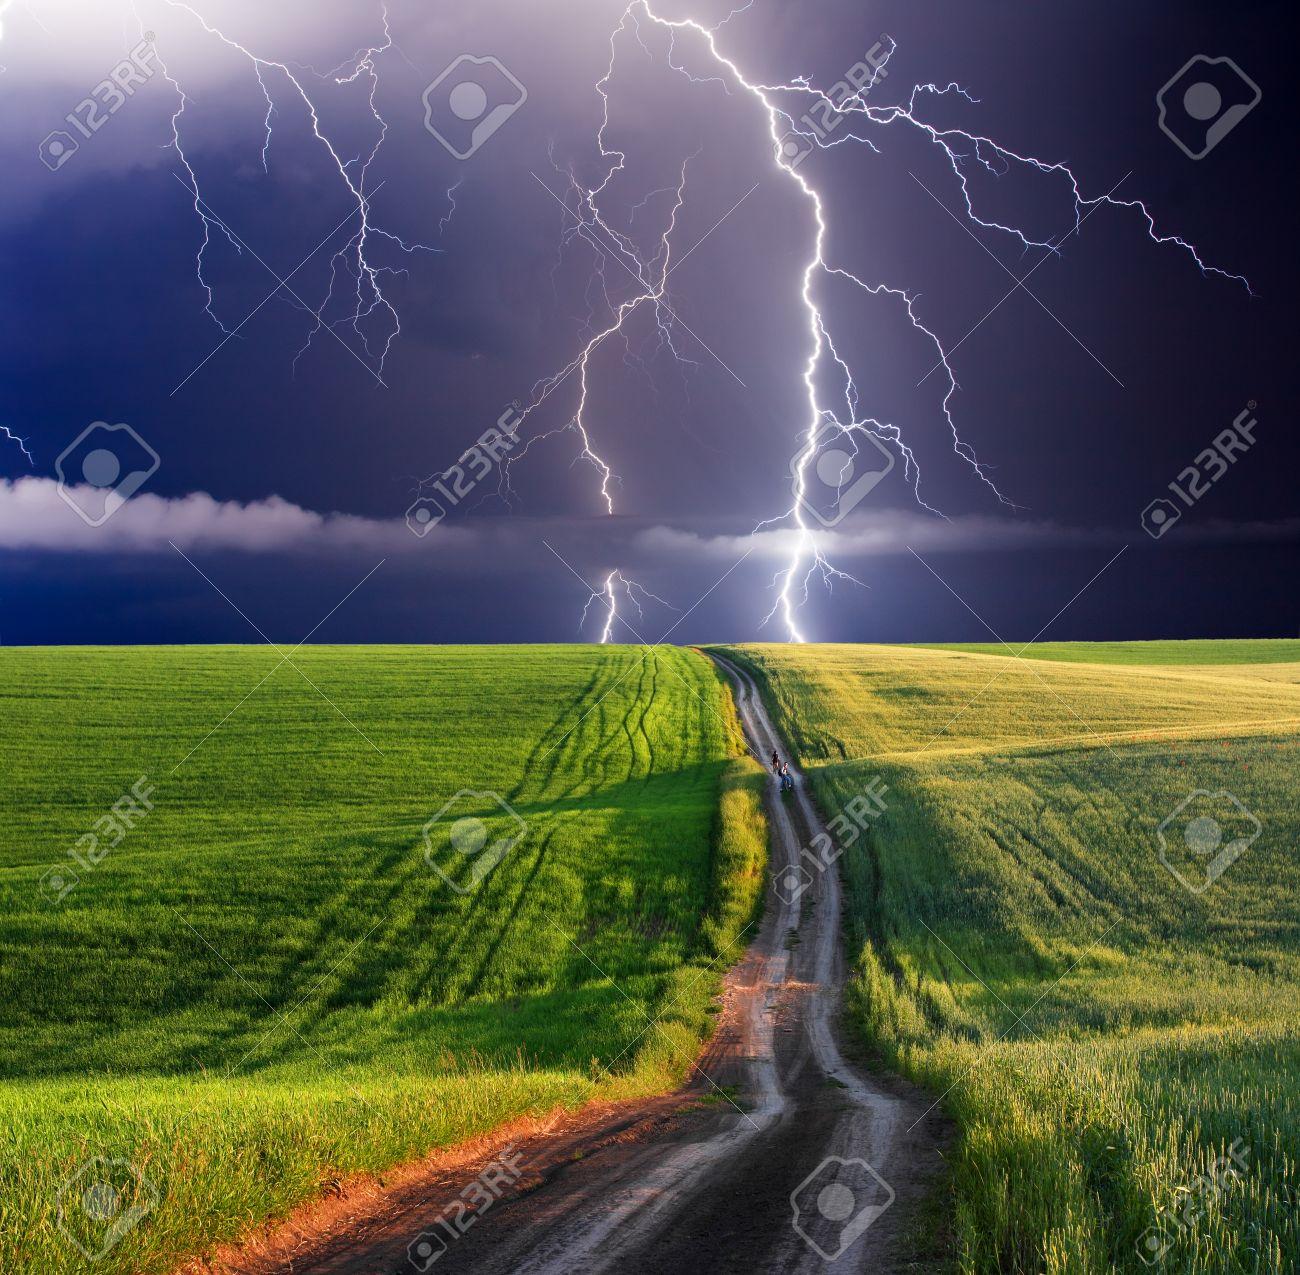 summer storm beginning with lightning - 47805508